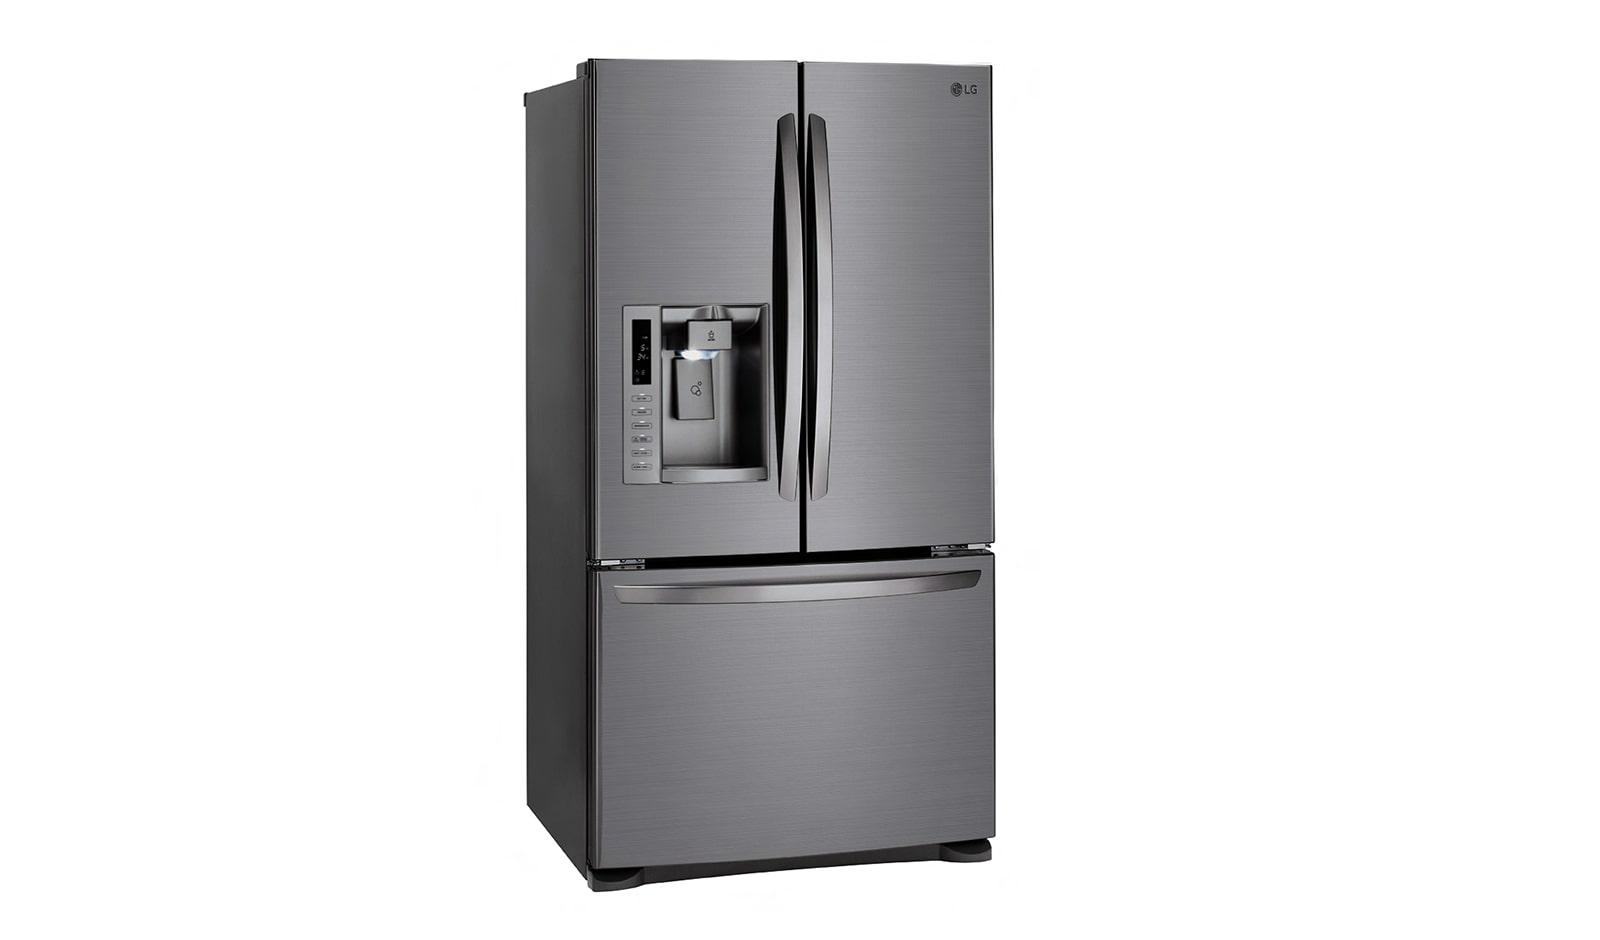 LG French Door Fridge | 613Litre with Ice & Water Dispenser | LG Australia